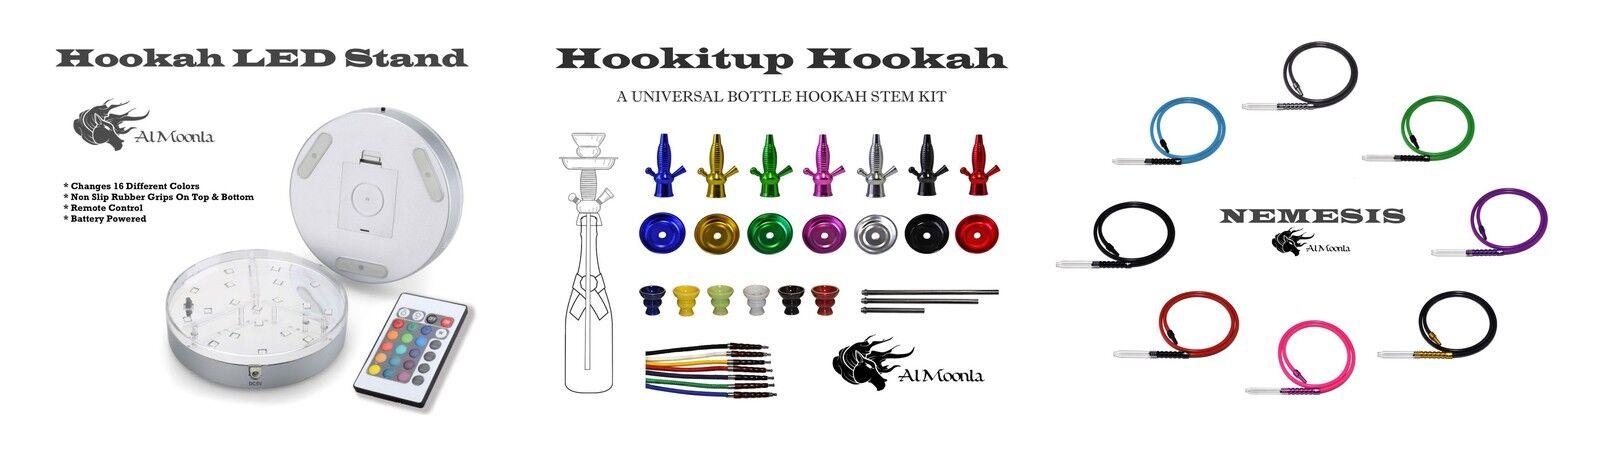 HookaHookup